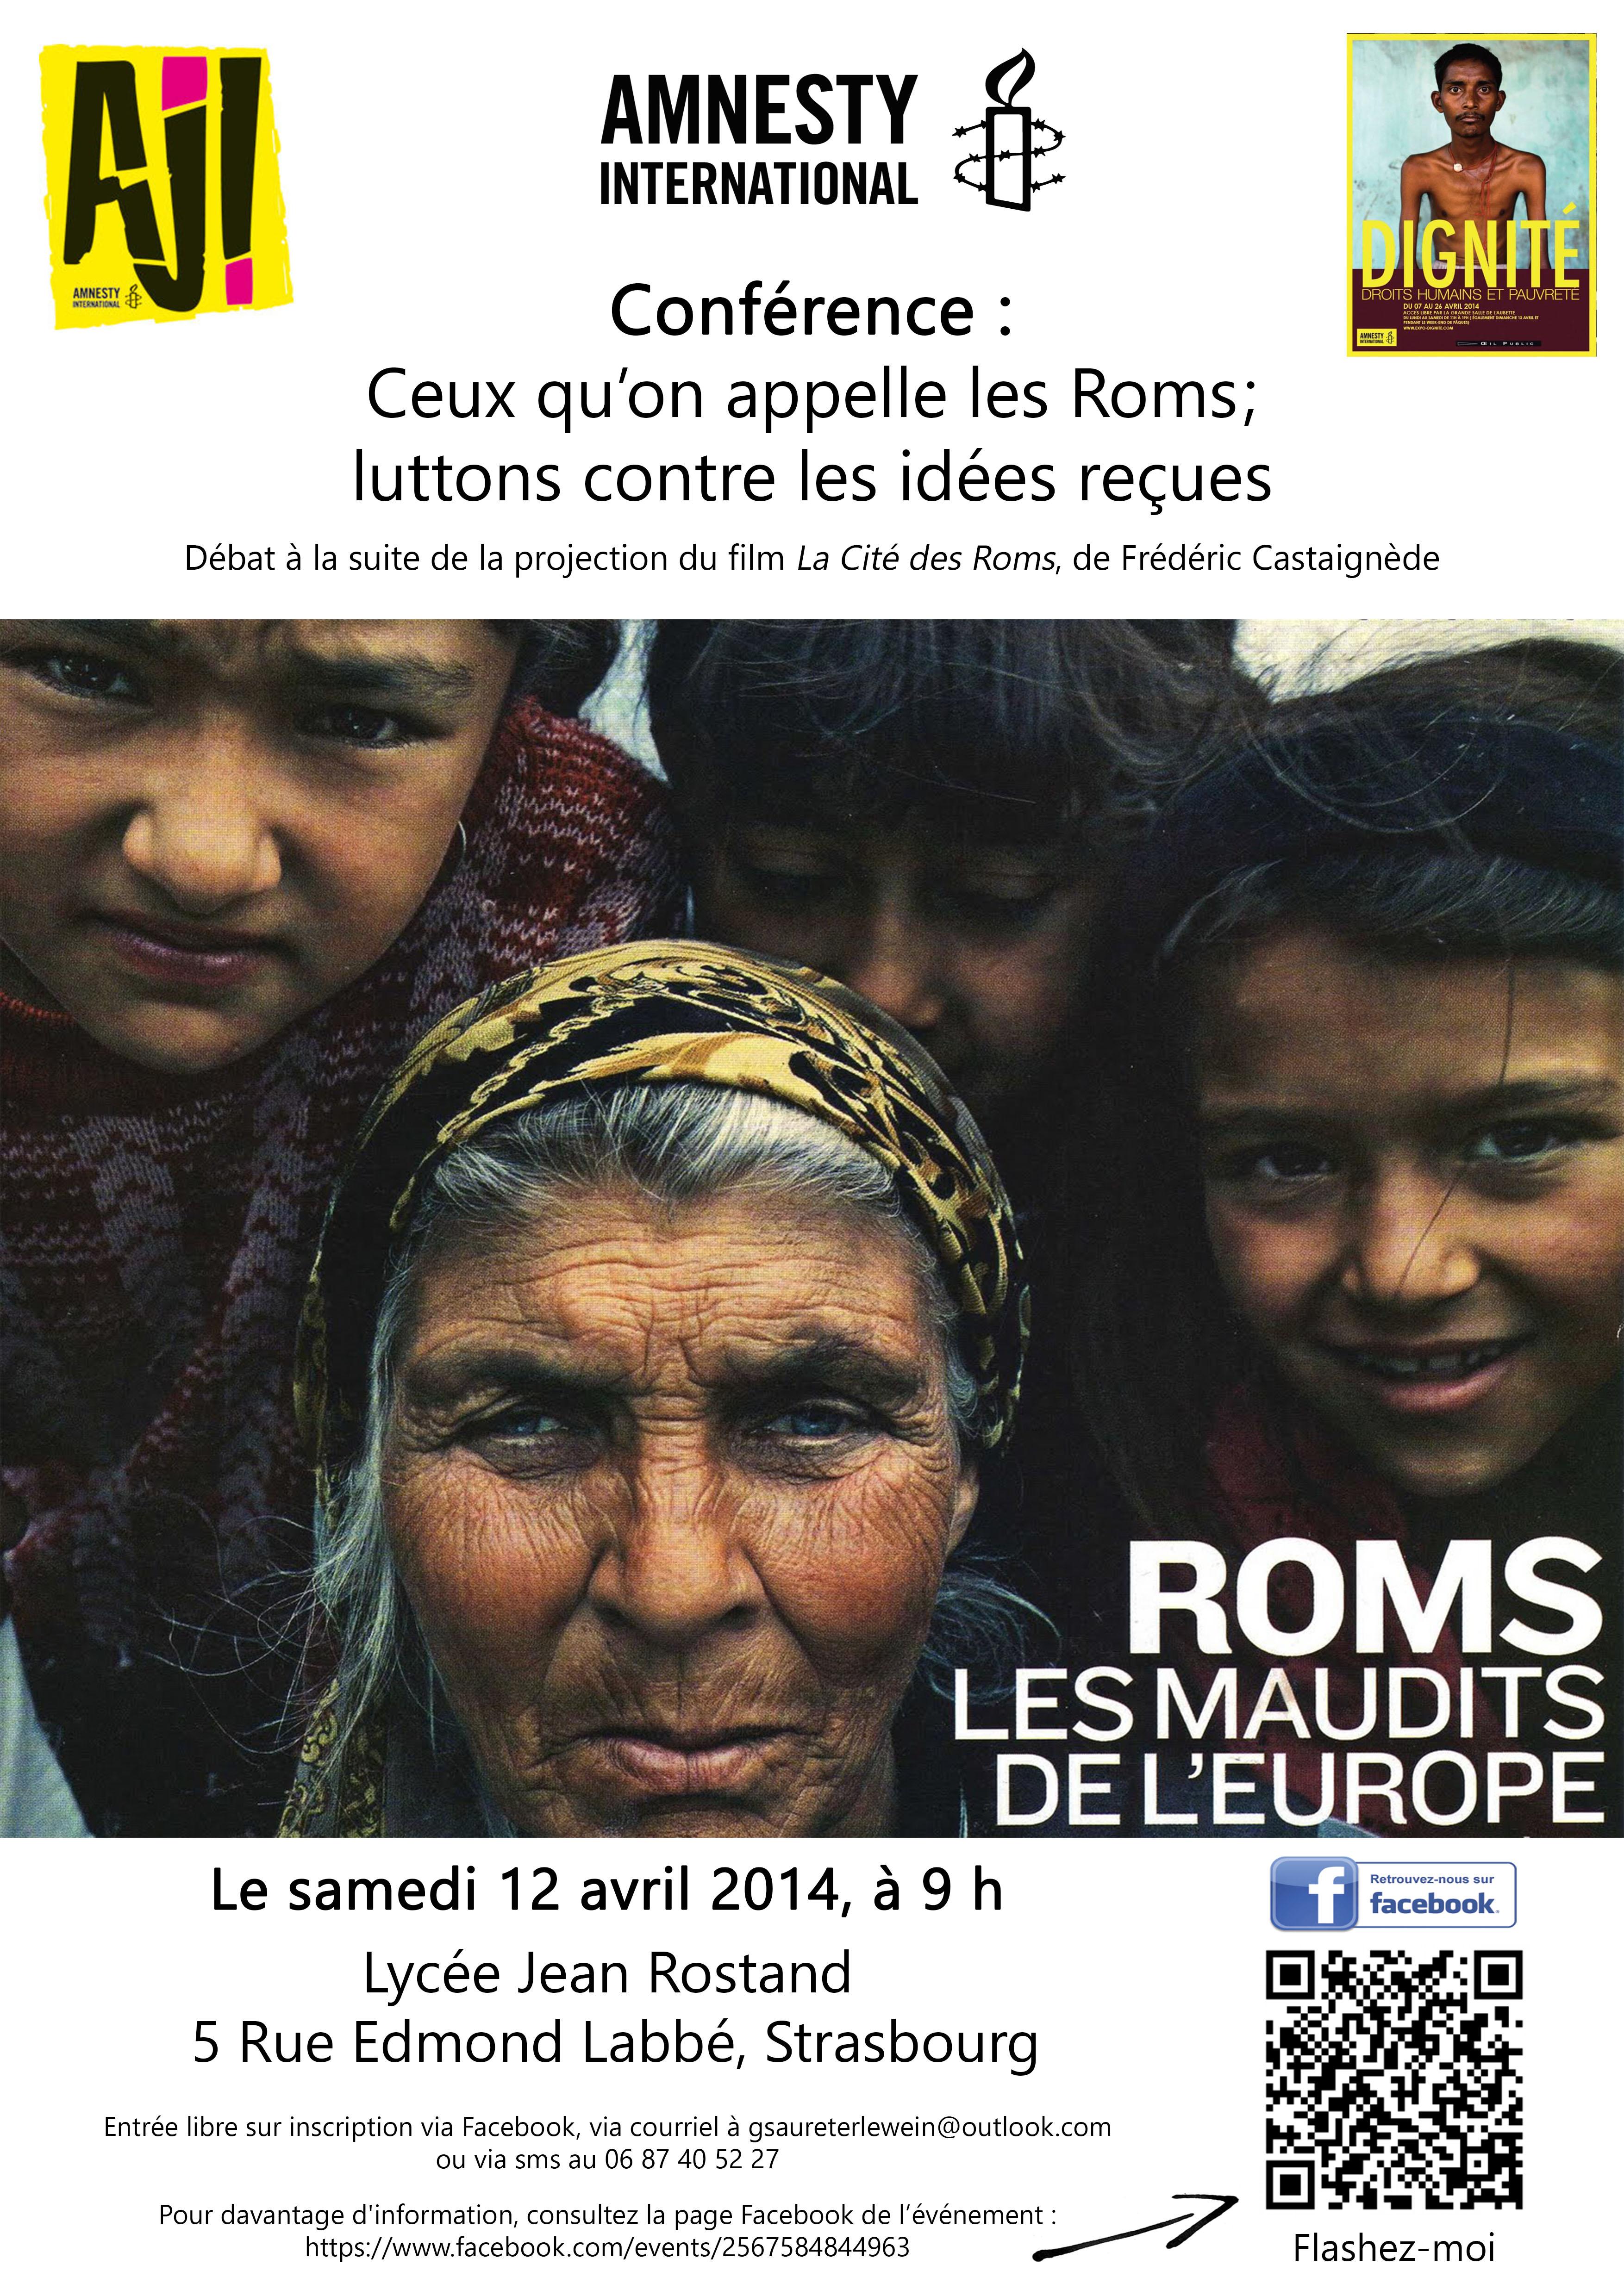 Le proviseur du lycée Jean Rostand annule et reporte une conférence sur les Roms